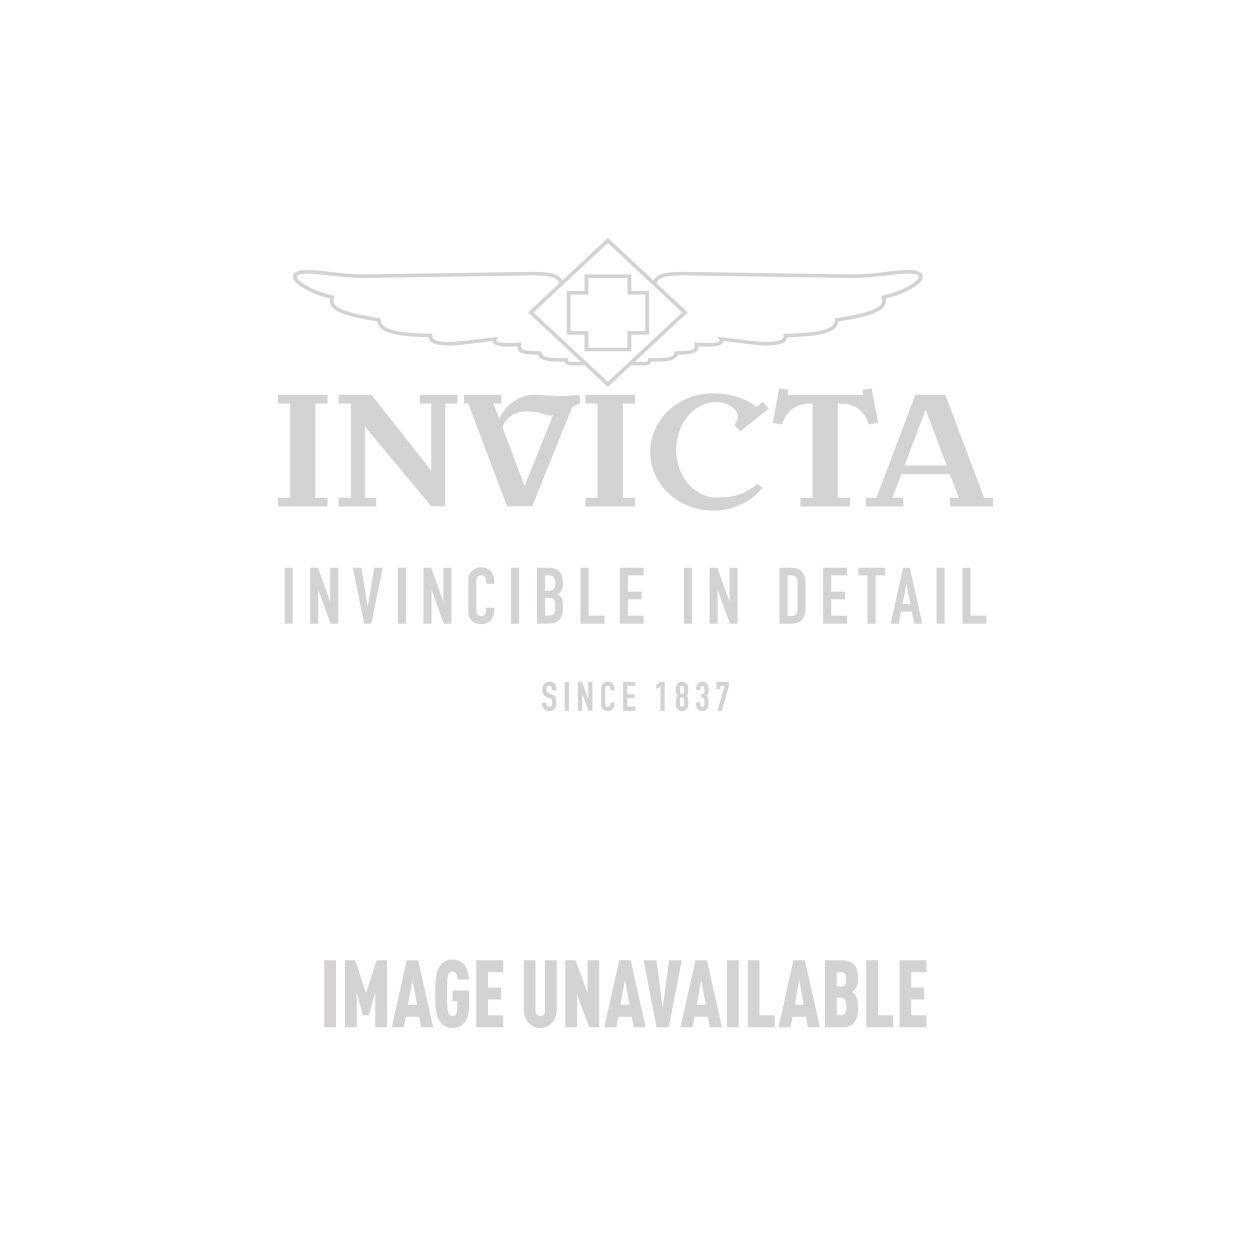 Invicta Model 27829